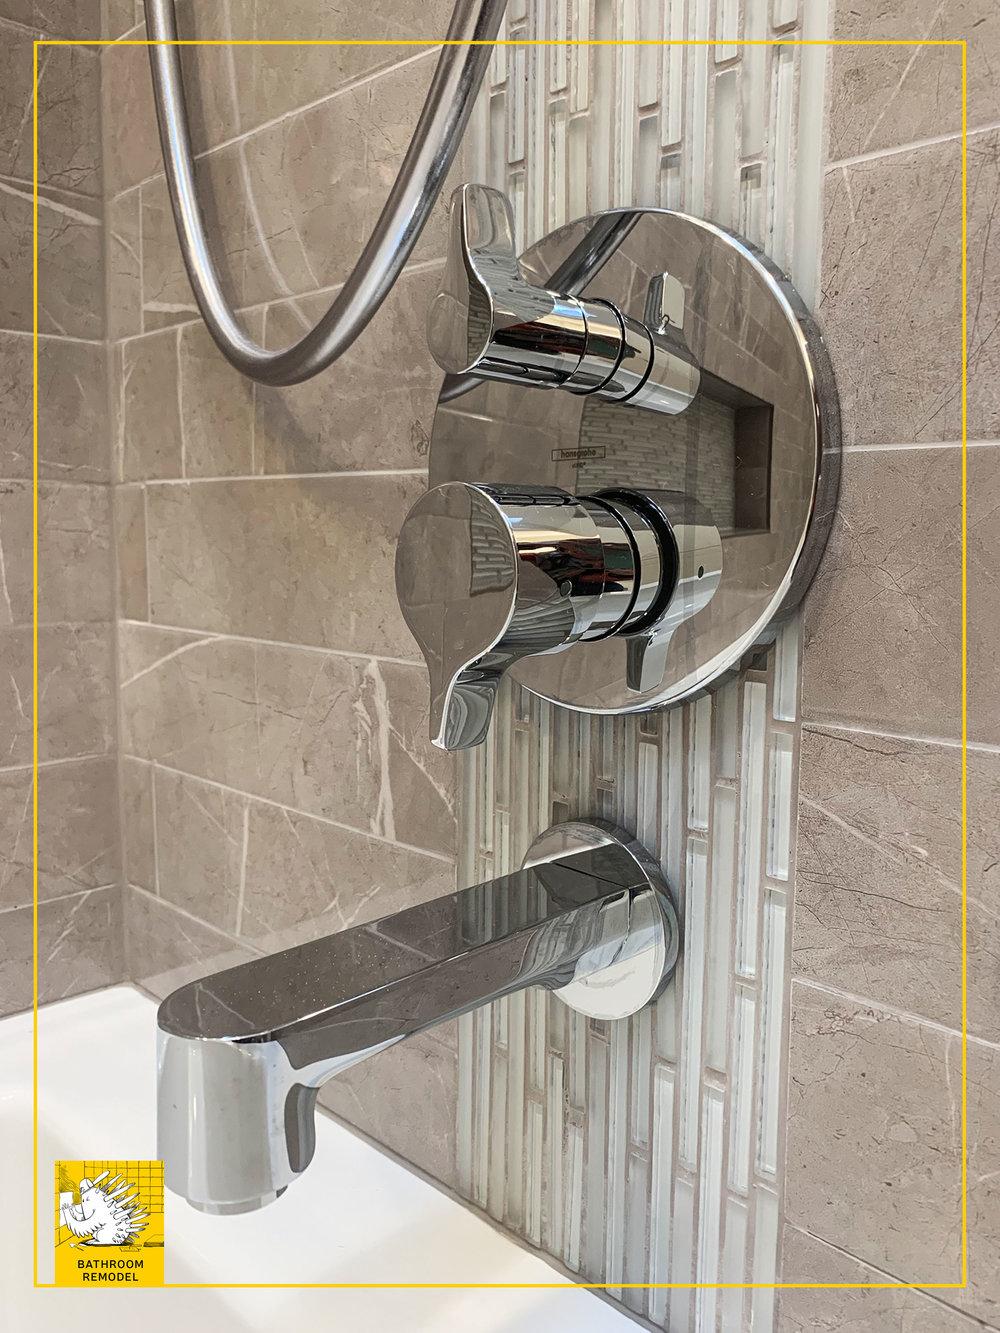 MT 2 bathroom remodel 08.jpg